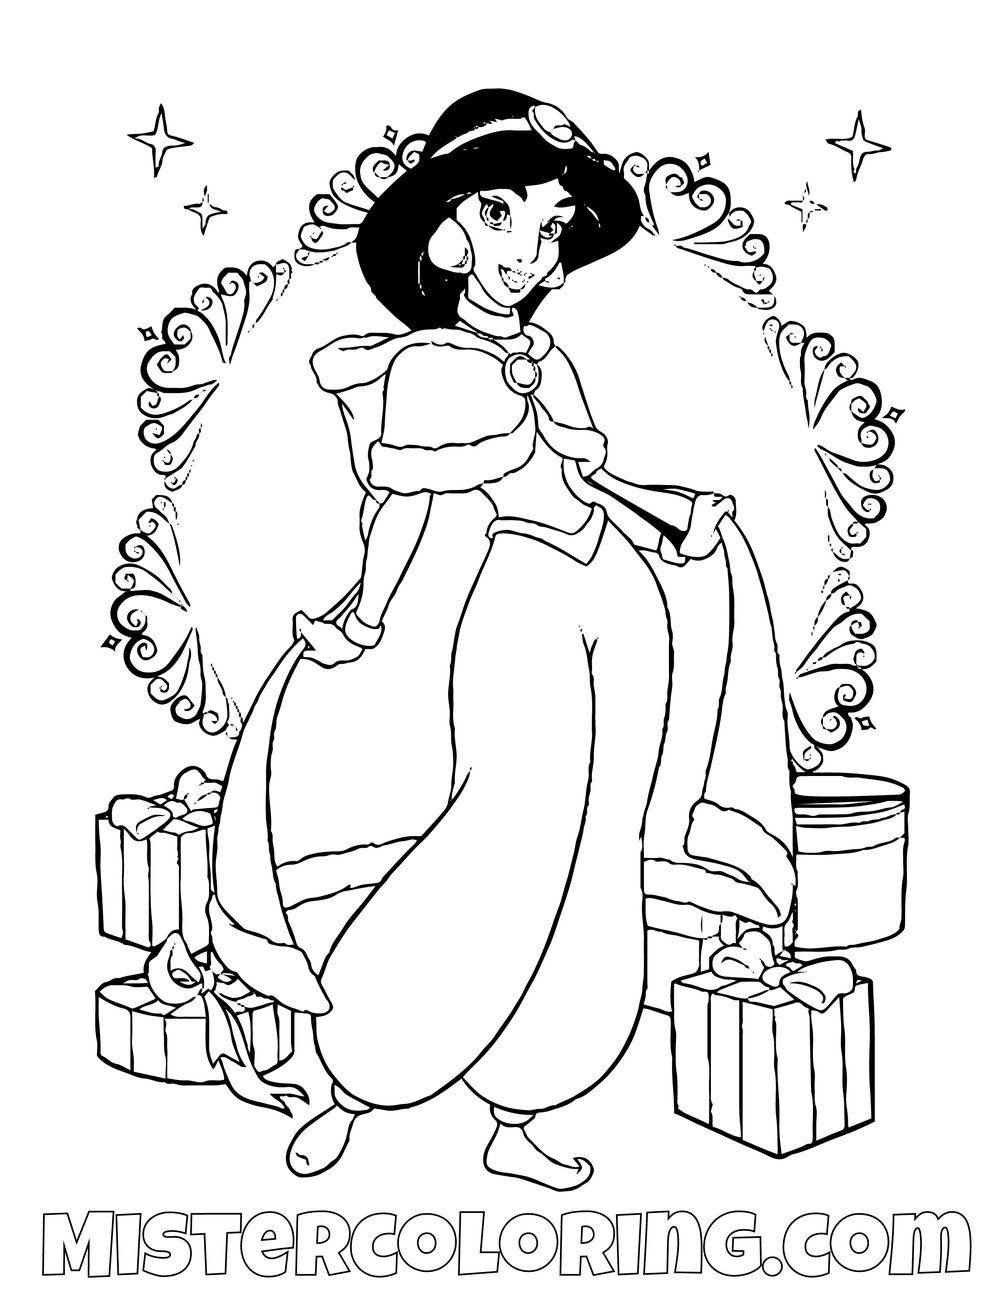 Jasmine On Christmas Aladdin Coloring Page Disney Princess Coloring Pages Princess Coloring Pages Disney Coloring Pages